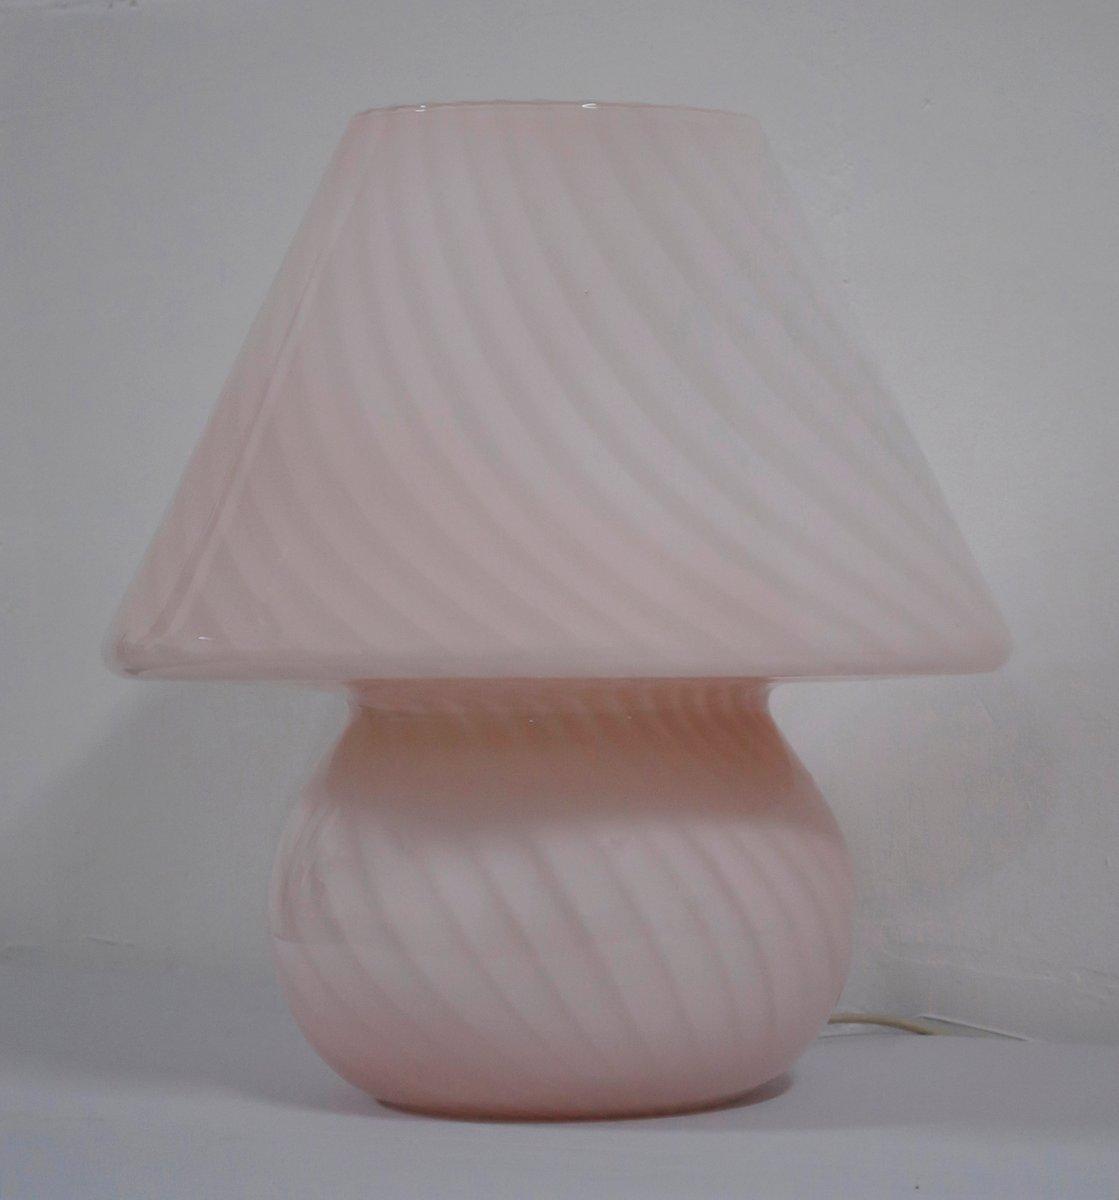 Vintage Mushroom Tischlampe von Paolo Venini für Venini, 1970er